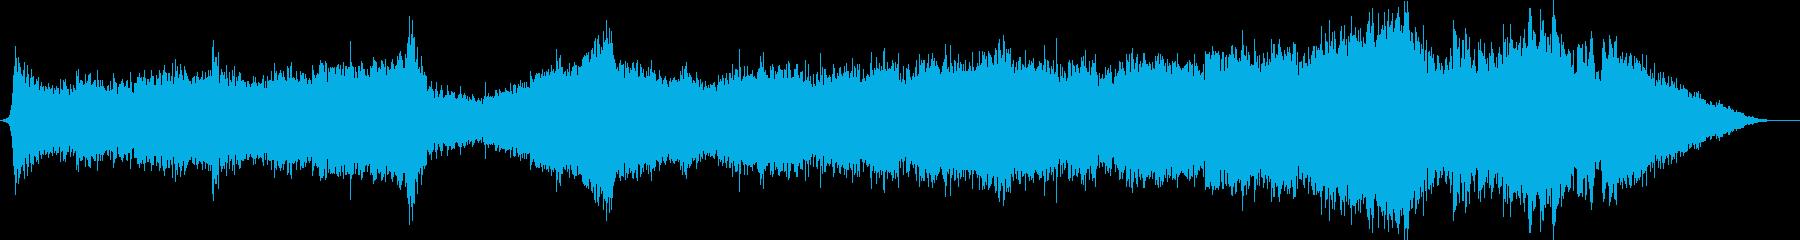 映画、ゲームの予告用、壮大な曲の再生済みの波形